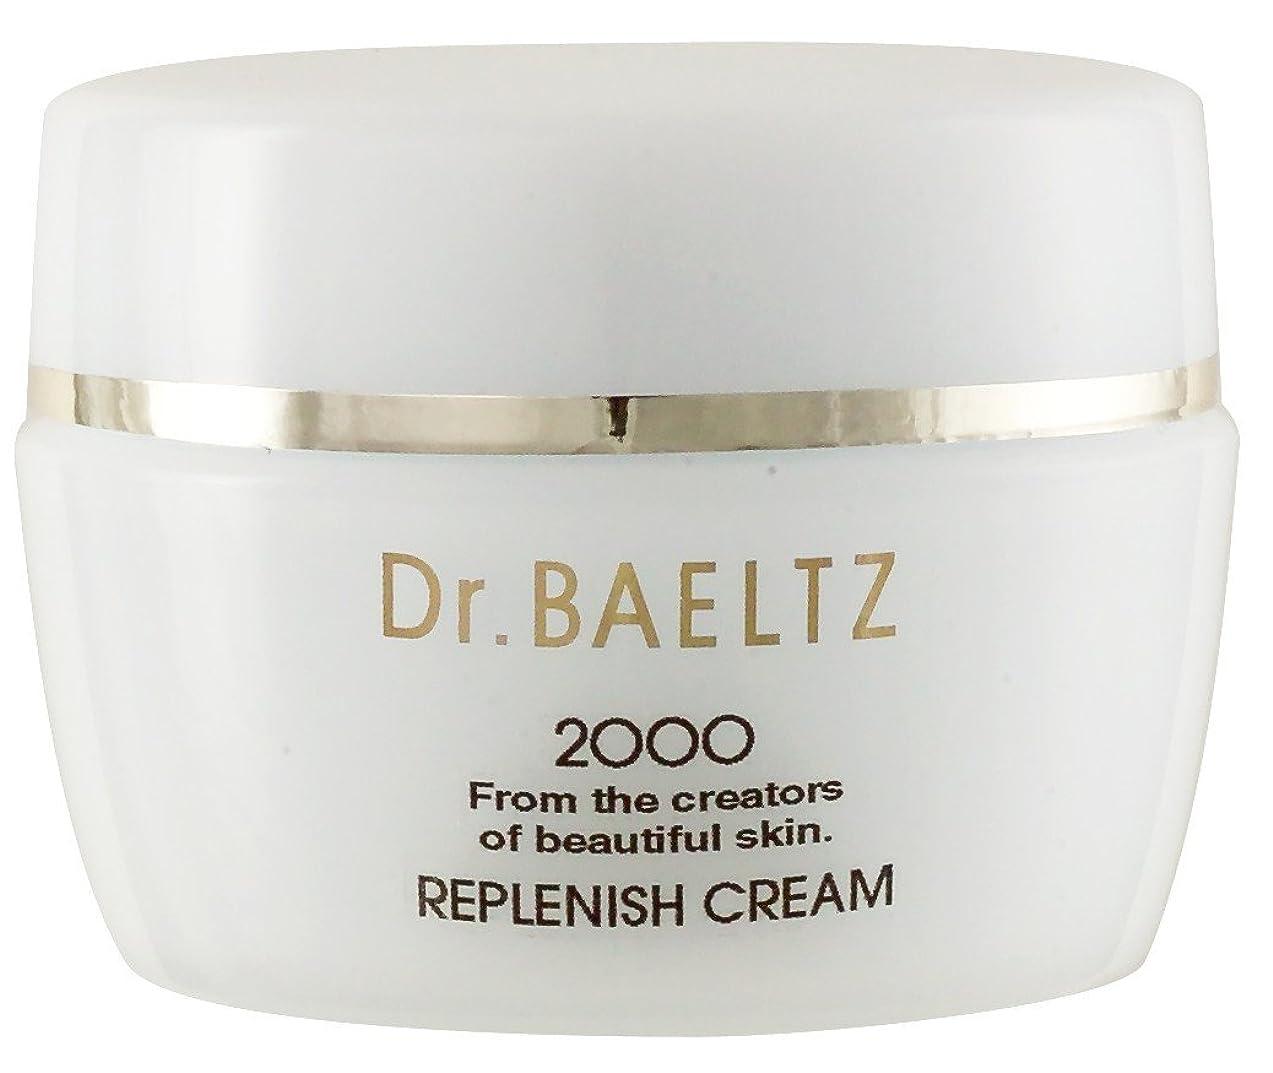 キャプチャー鷲こねるドクターベルツ(Dr.BAELTZ) リプレニッシュクリーム 40g(保湿クリーム)